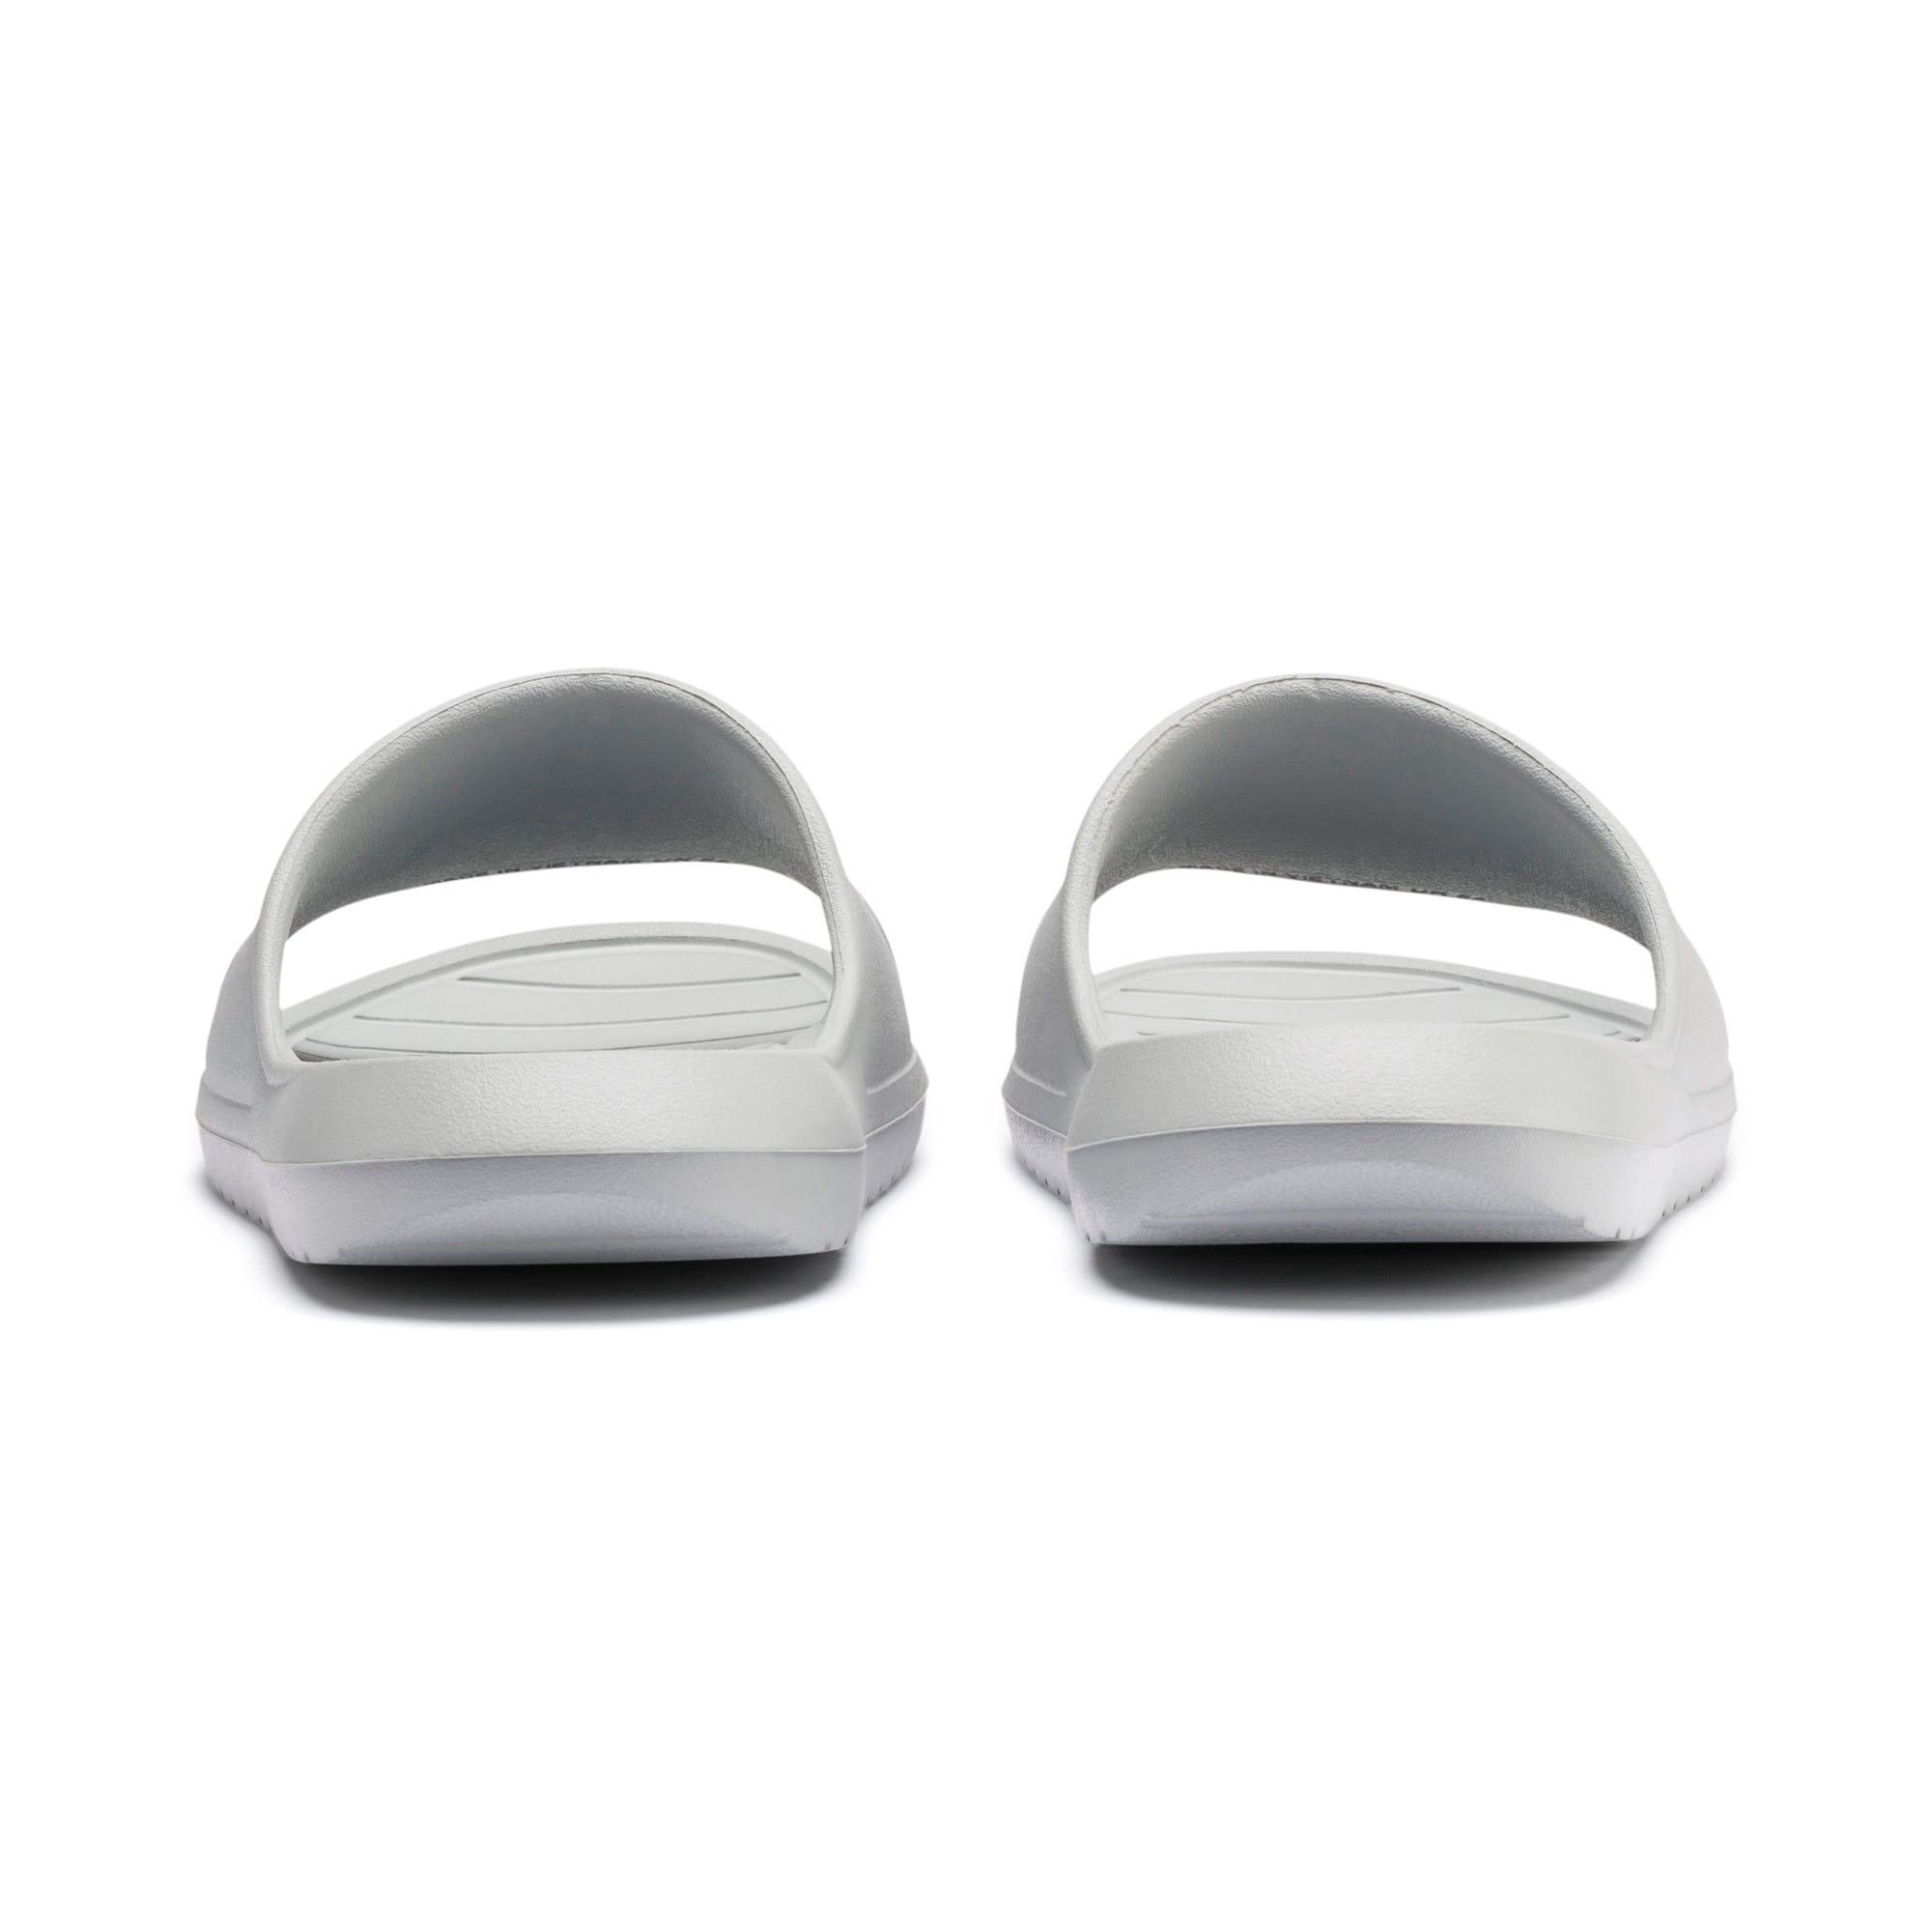 Thumbnail 3 of Divecat v2 Sandals, High Rise-Peacoat, medium-IND